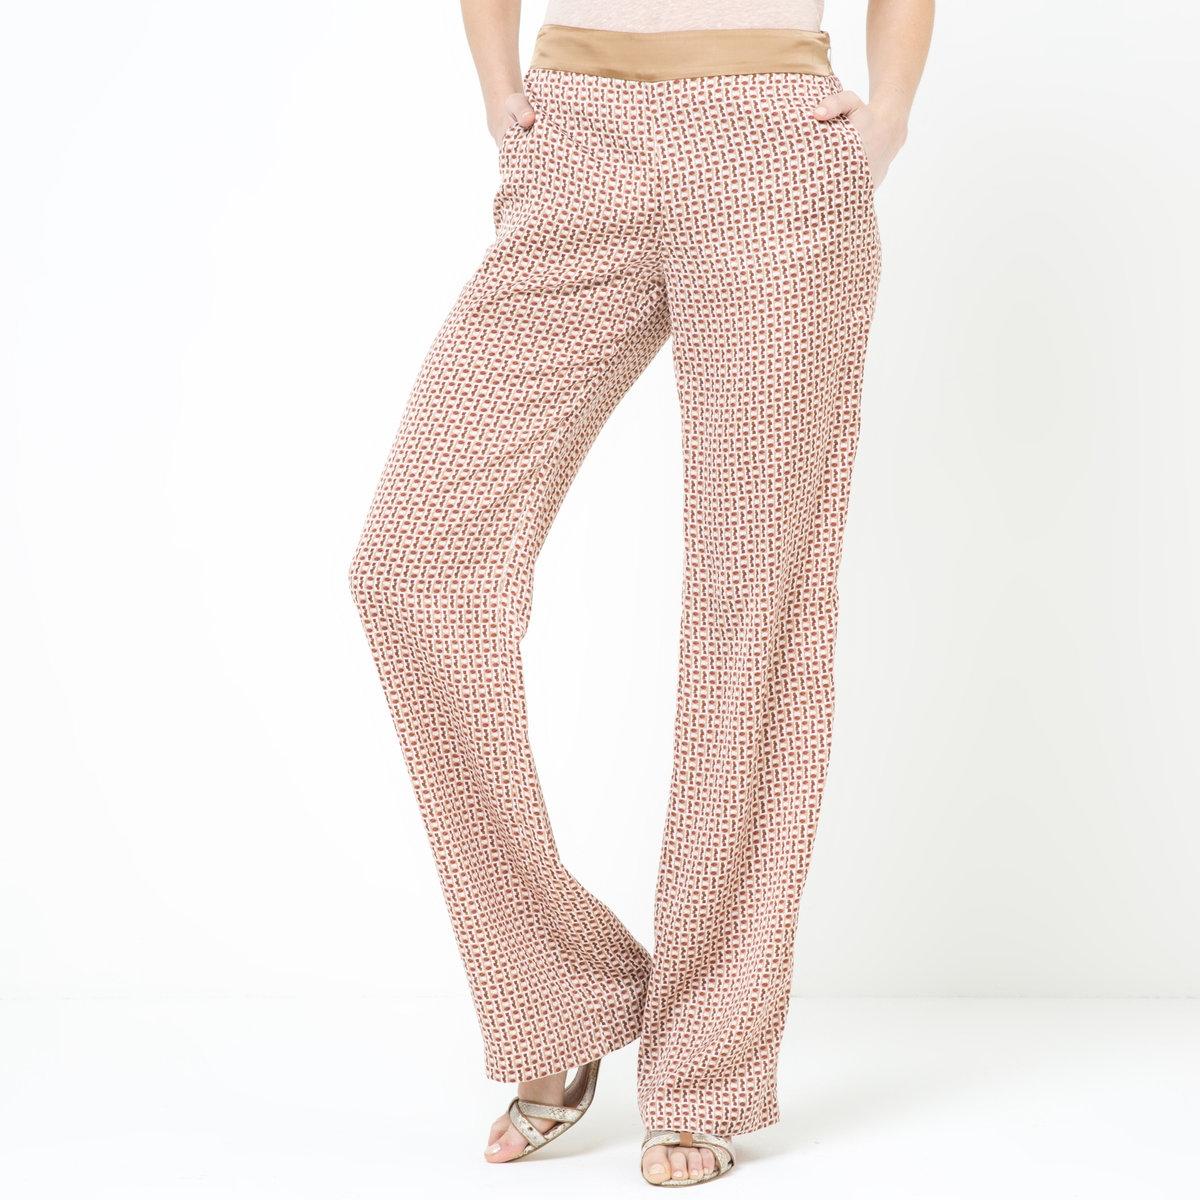 Брюки из струящейся ткани с рисункомLa Redoute рекомендует заказывать одежду на один размер больше, чем вы обычно носите.<br><br>Цвет: набивной рисунок<br>Размер: 38 (FR) - 44 (RUS).42 (FR) - 48 (RUS).40 (FR) - 46 (RUS)